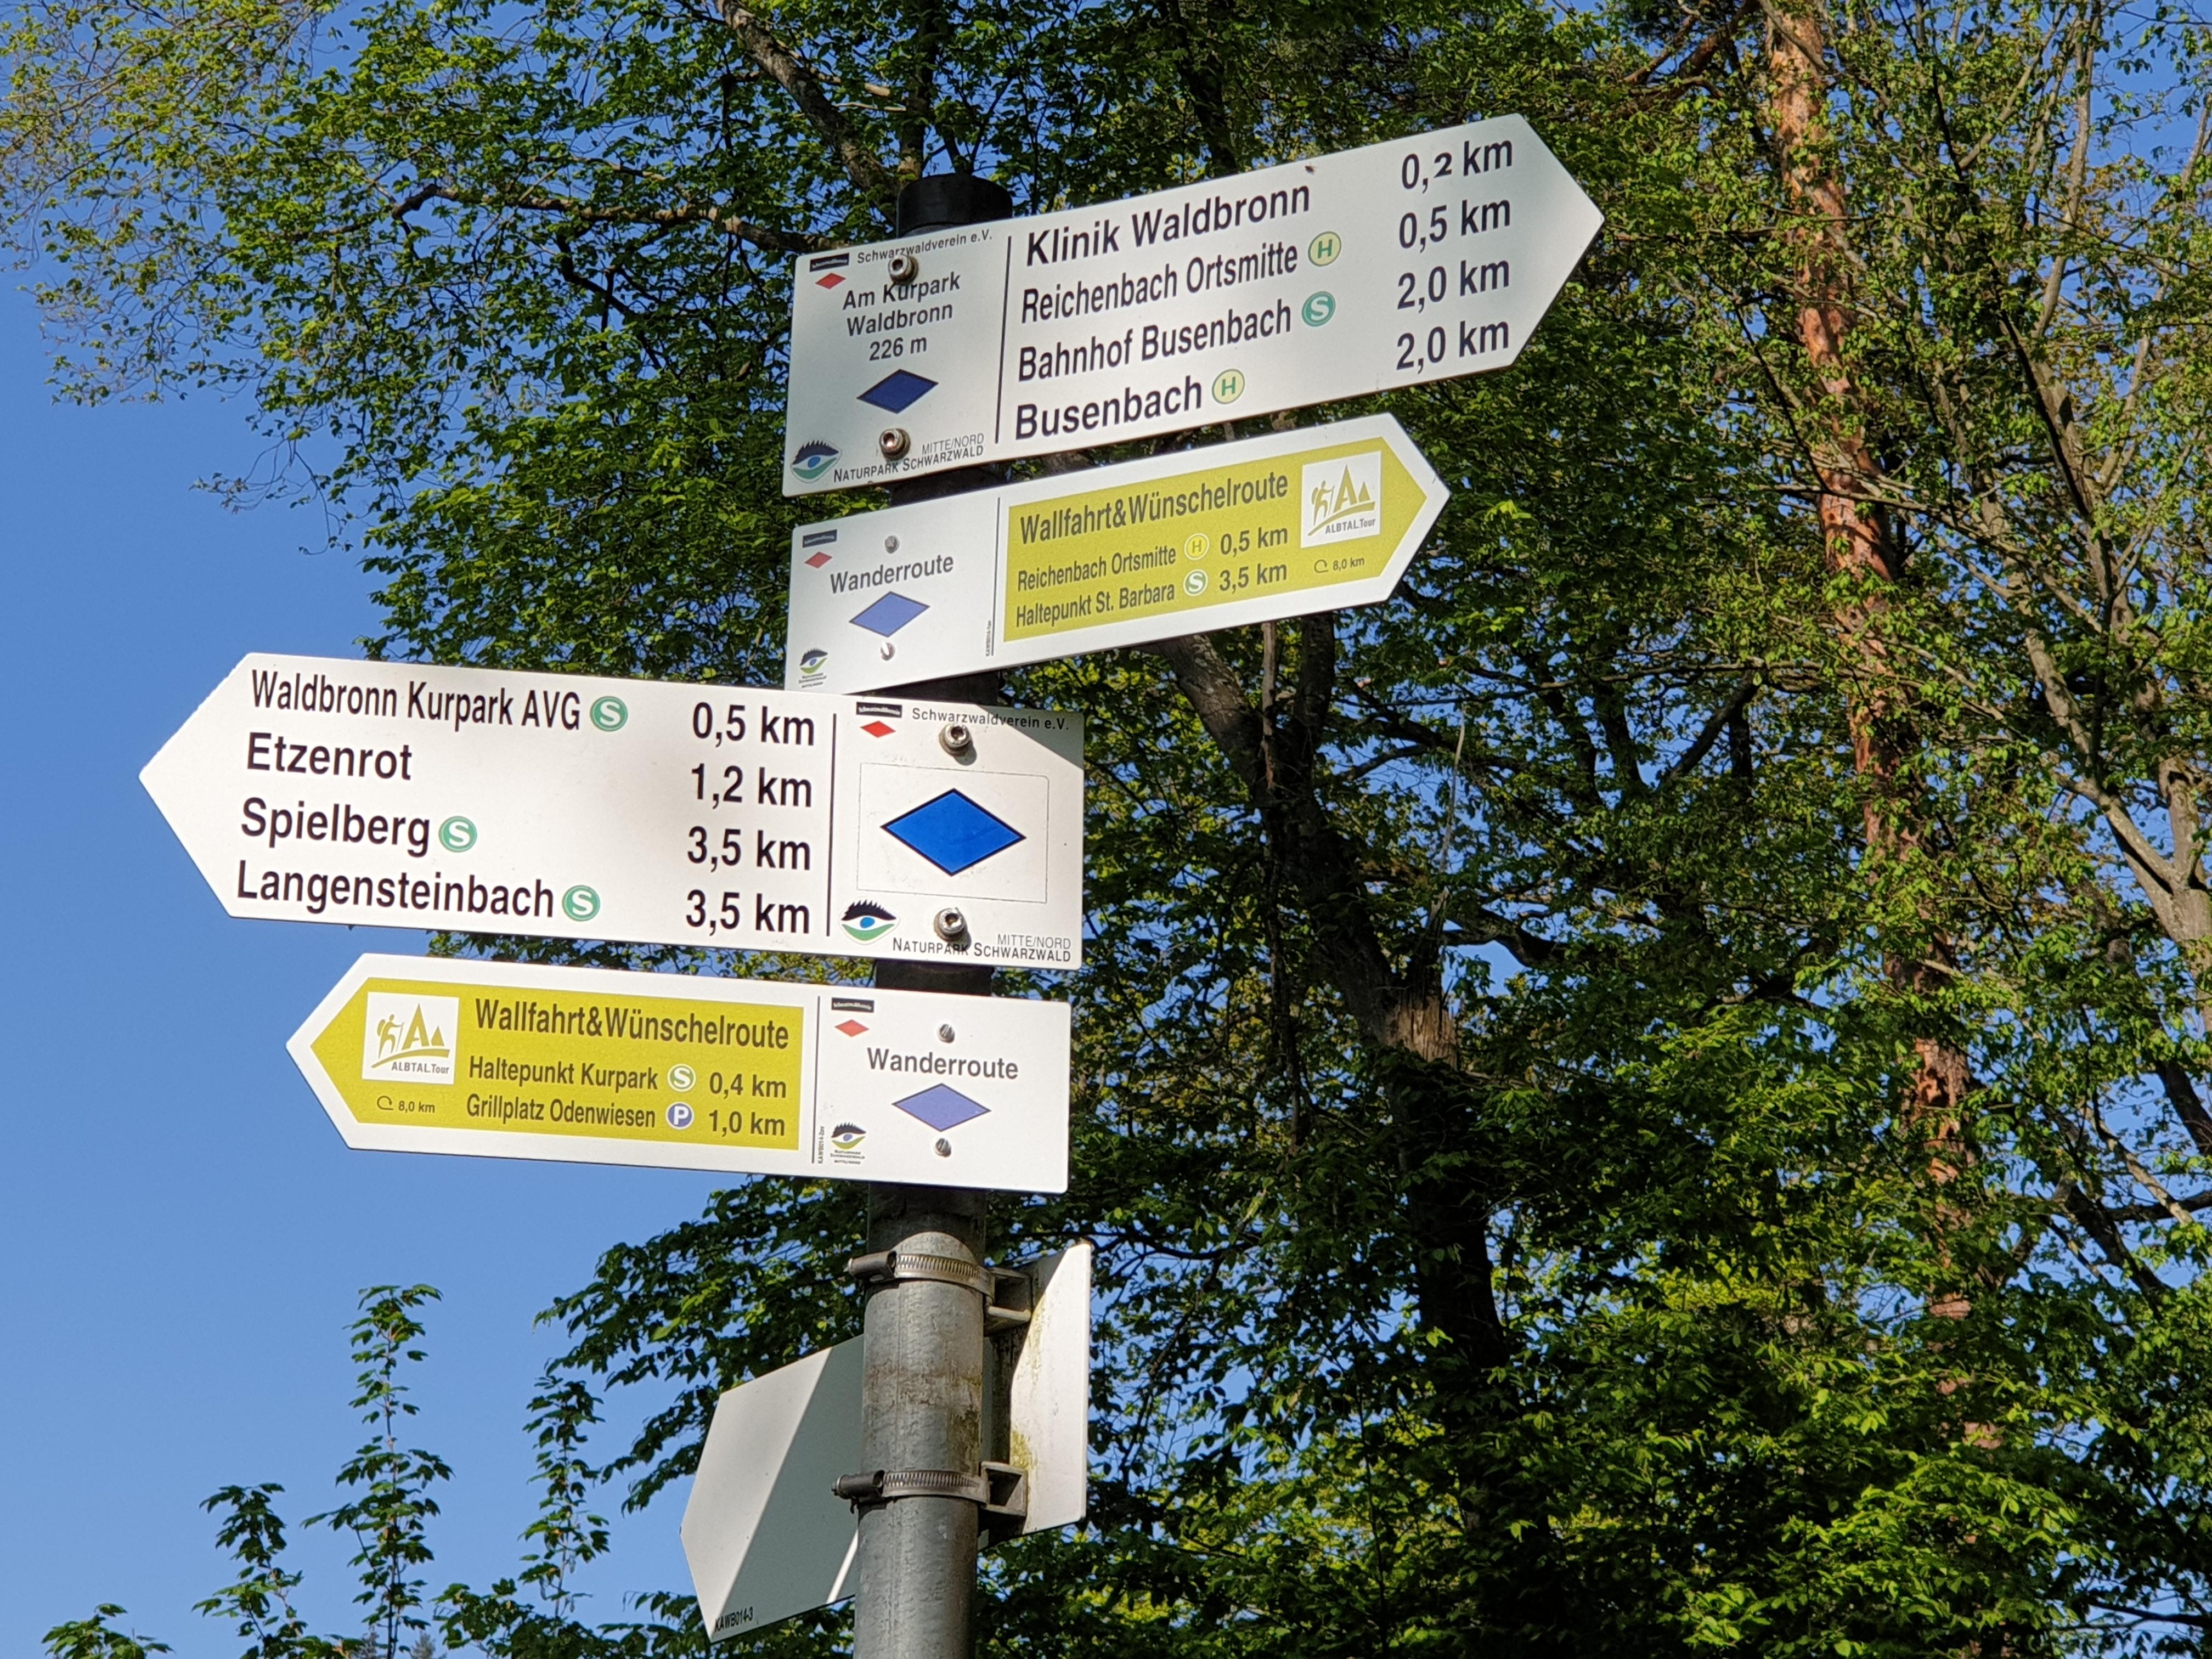 Wallfahrt&Wünschelroute